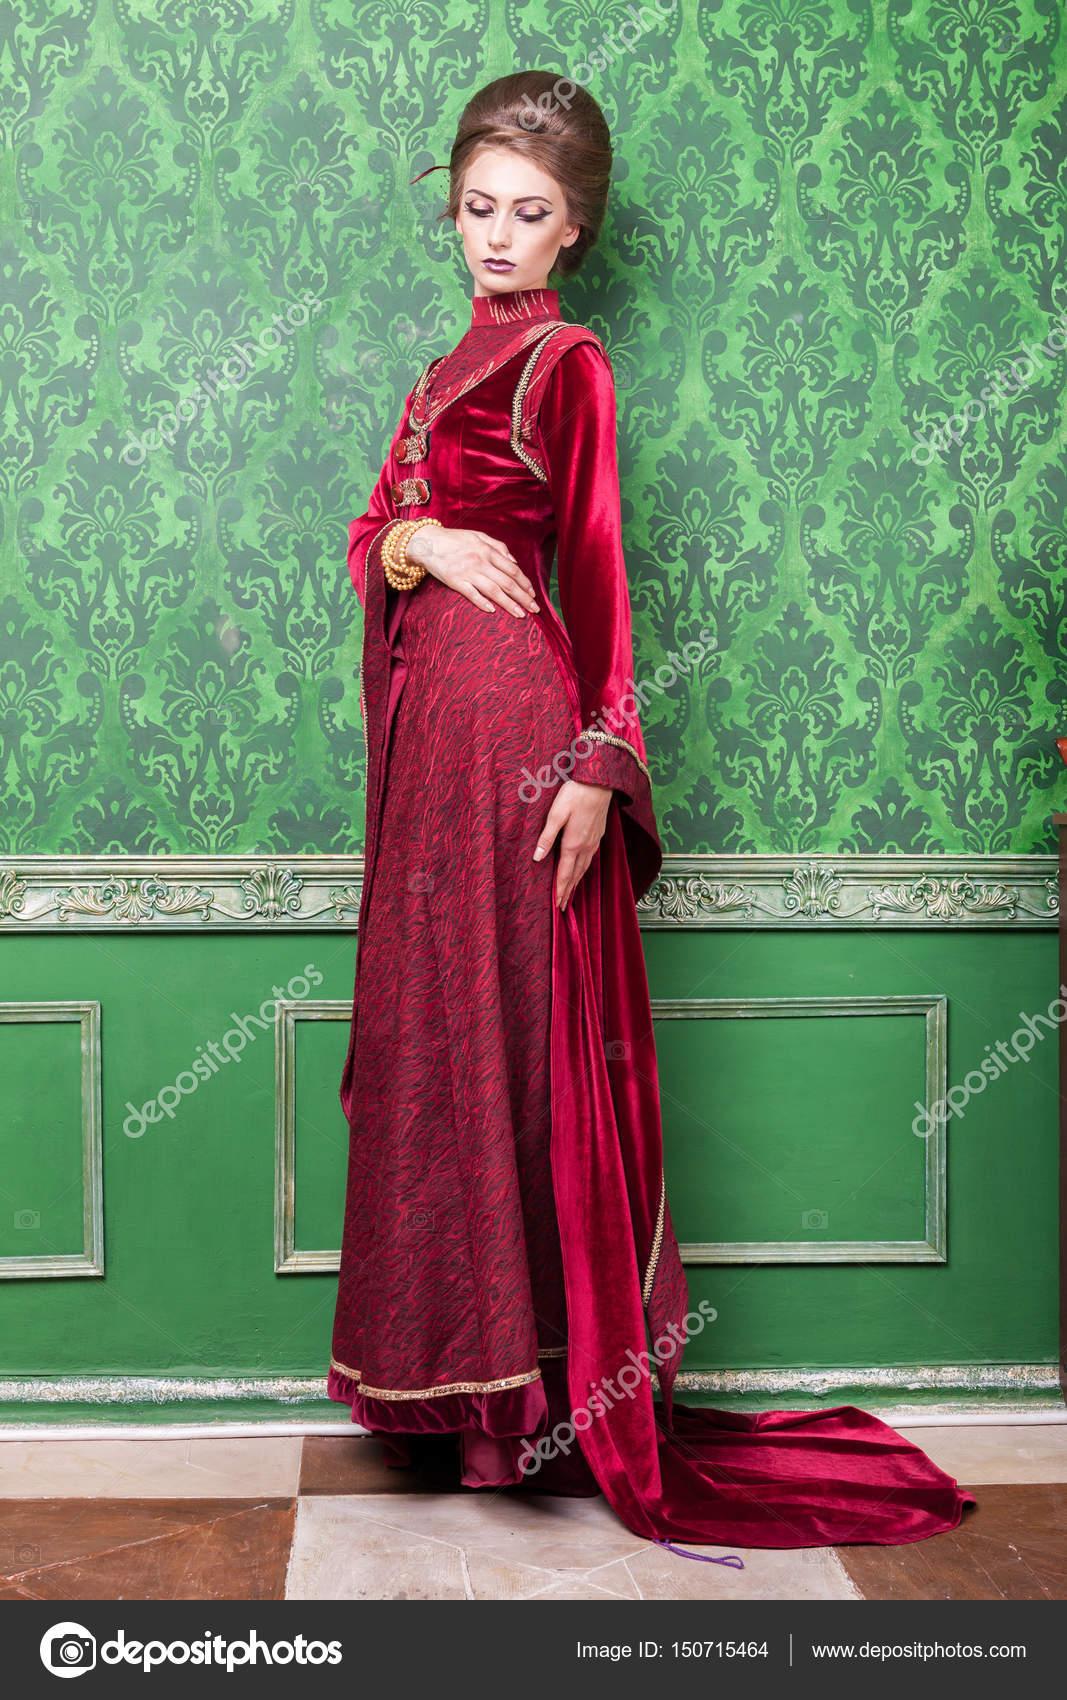 Vintage Kleding.Charmante Vrouw Gekleed Vintage Kleding In Retro Interieur